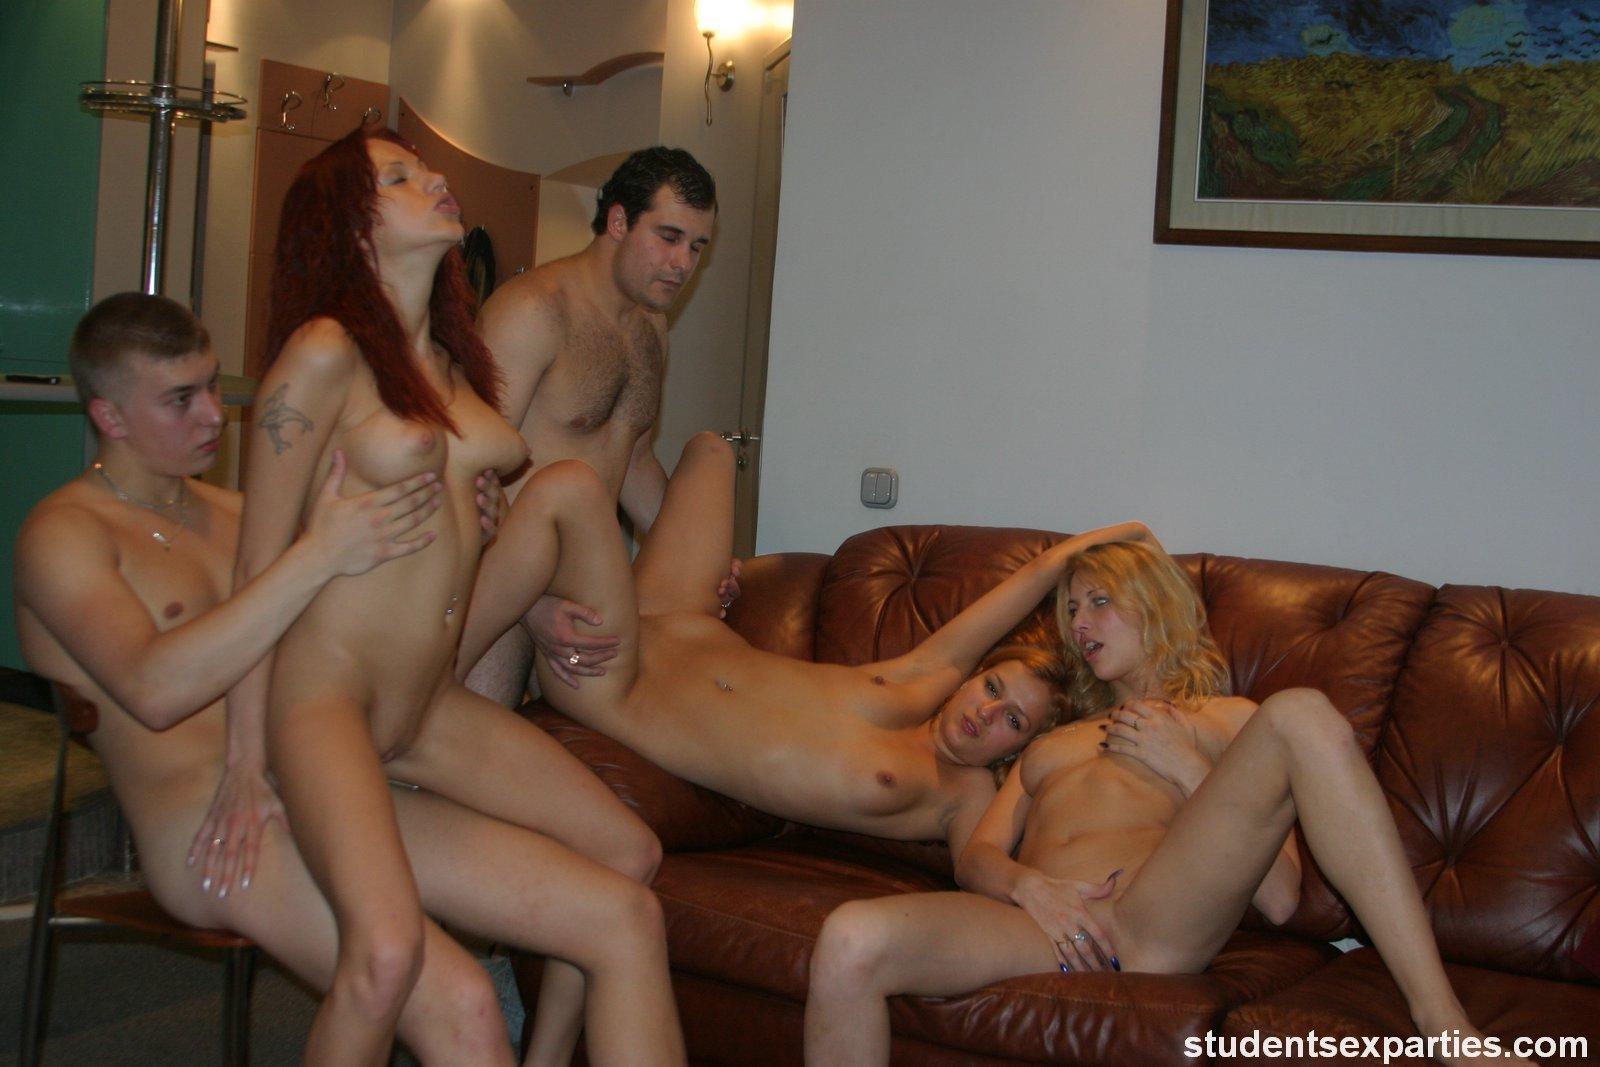 Смотреть бесплатно порно случайная связь 3 фотография